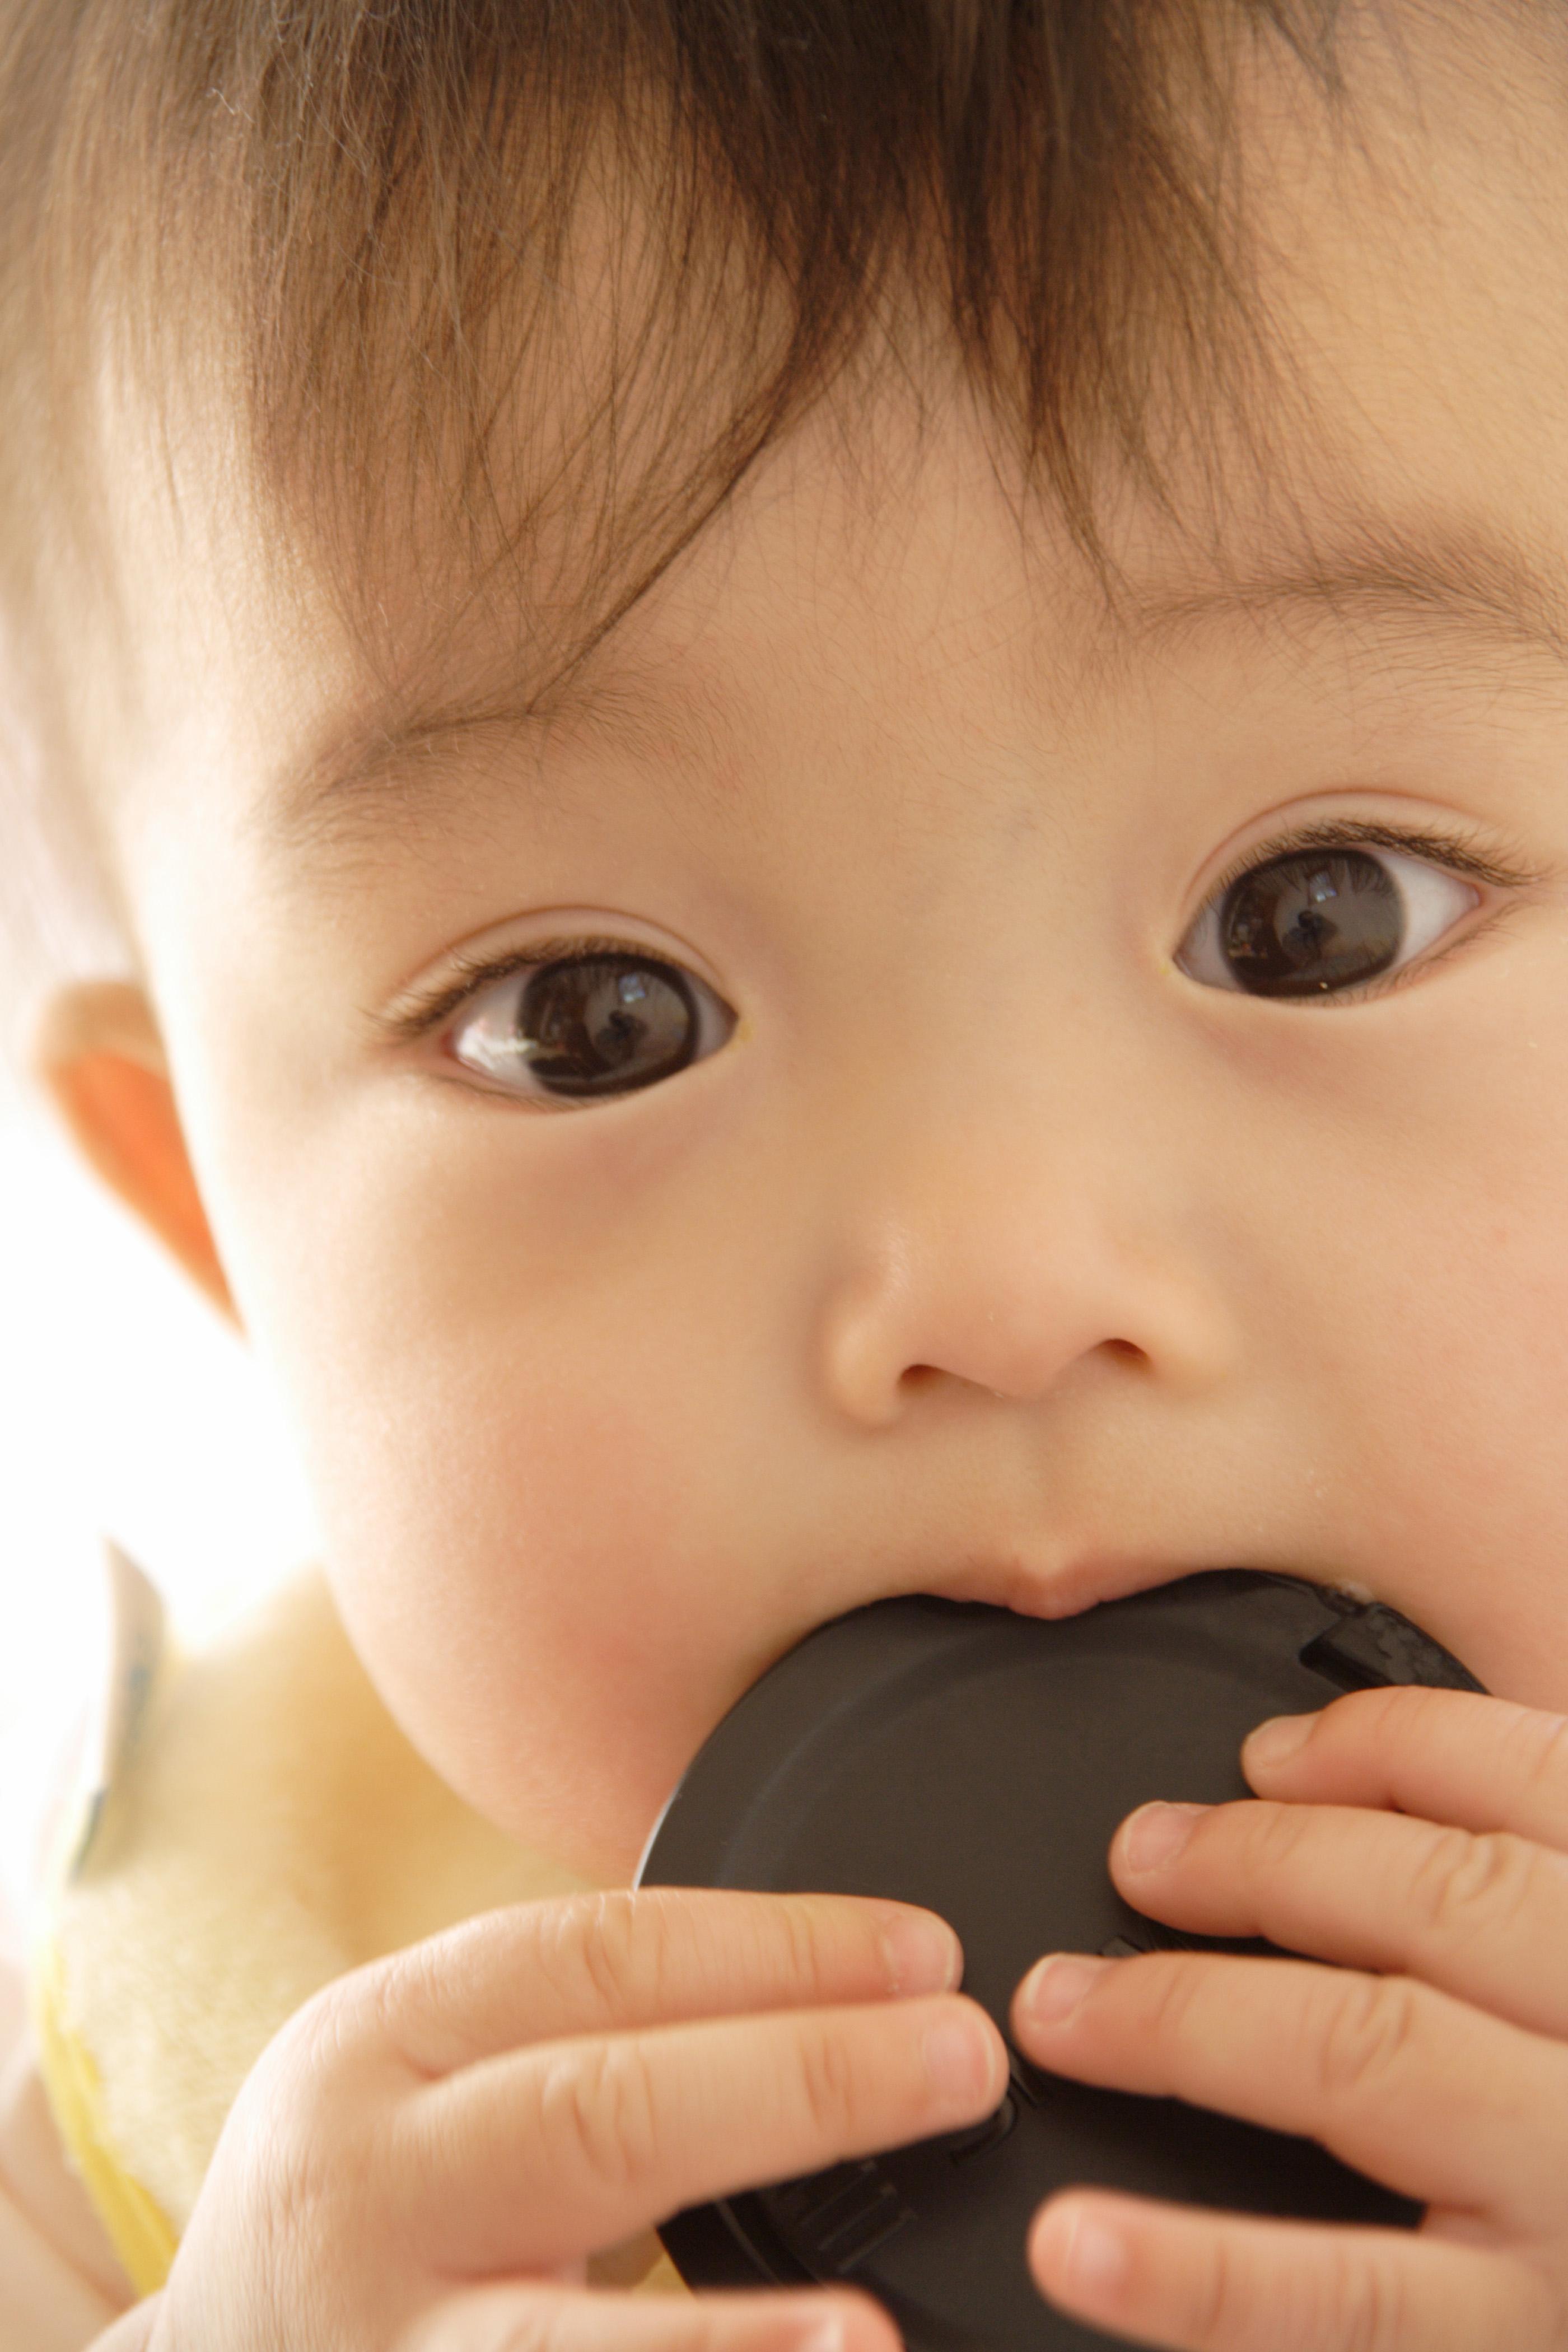 赤ちゃんの二重はいつから?一重から変わることはあるの?